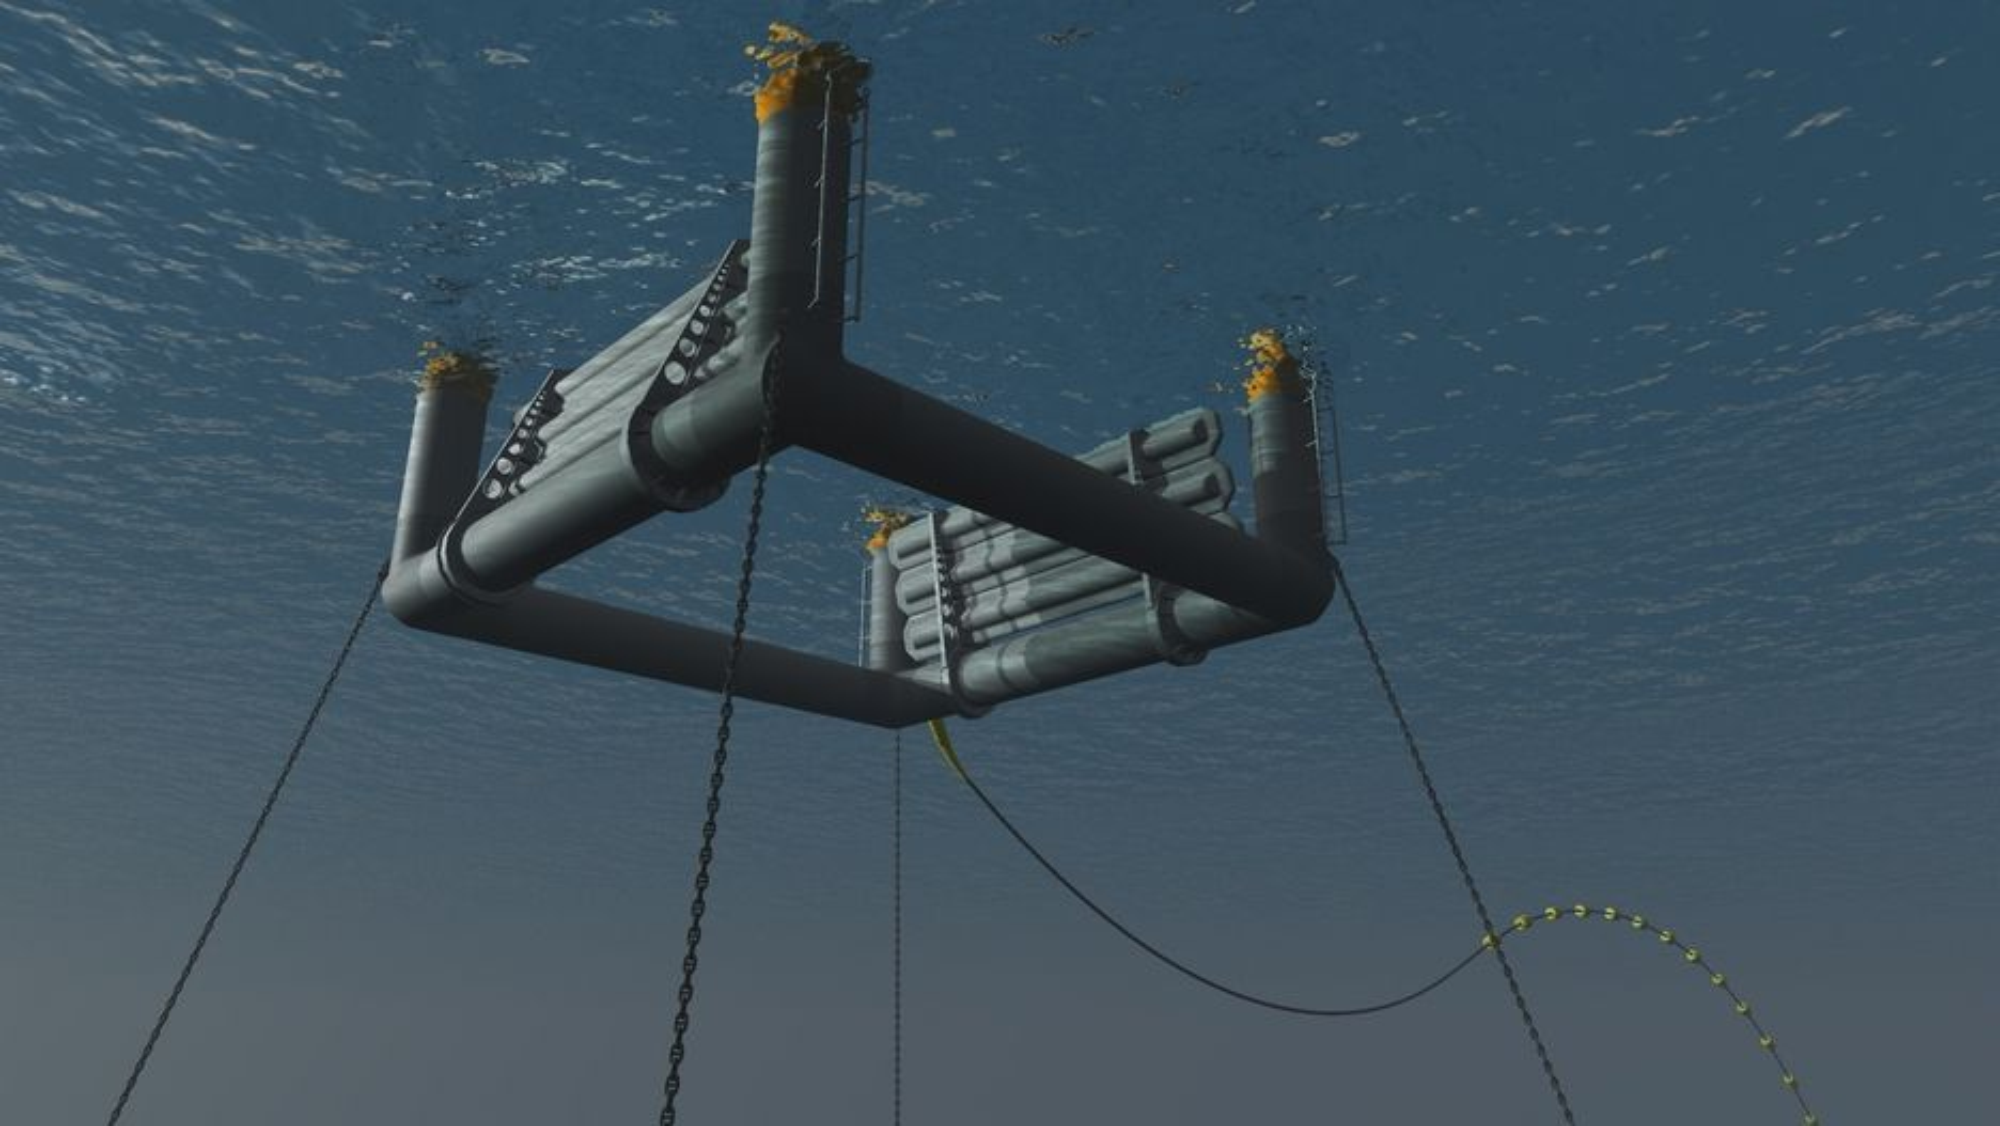 LANGLEE: Skissen viser løsningen som Langlee har valgt. Tanken er at det er mest energi rett under overflaten, og at installasjonen da er bedre beskyttet mot været enn om den flyter på overlfaten. De to flapsene til høyre og venstre beveges opp og ned av energien fra bølgene og omformer denne til elektrisk strøm.